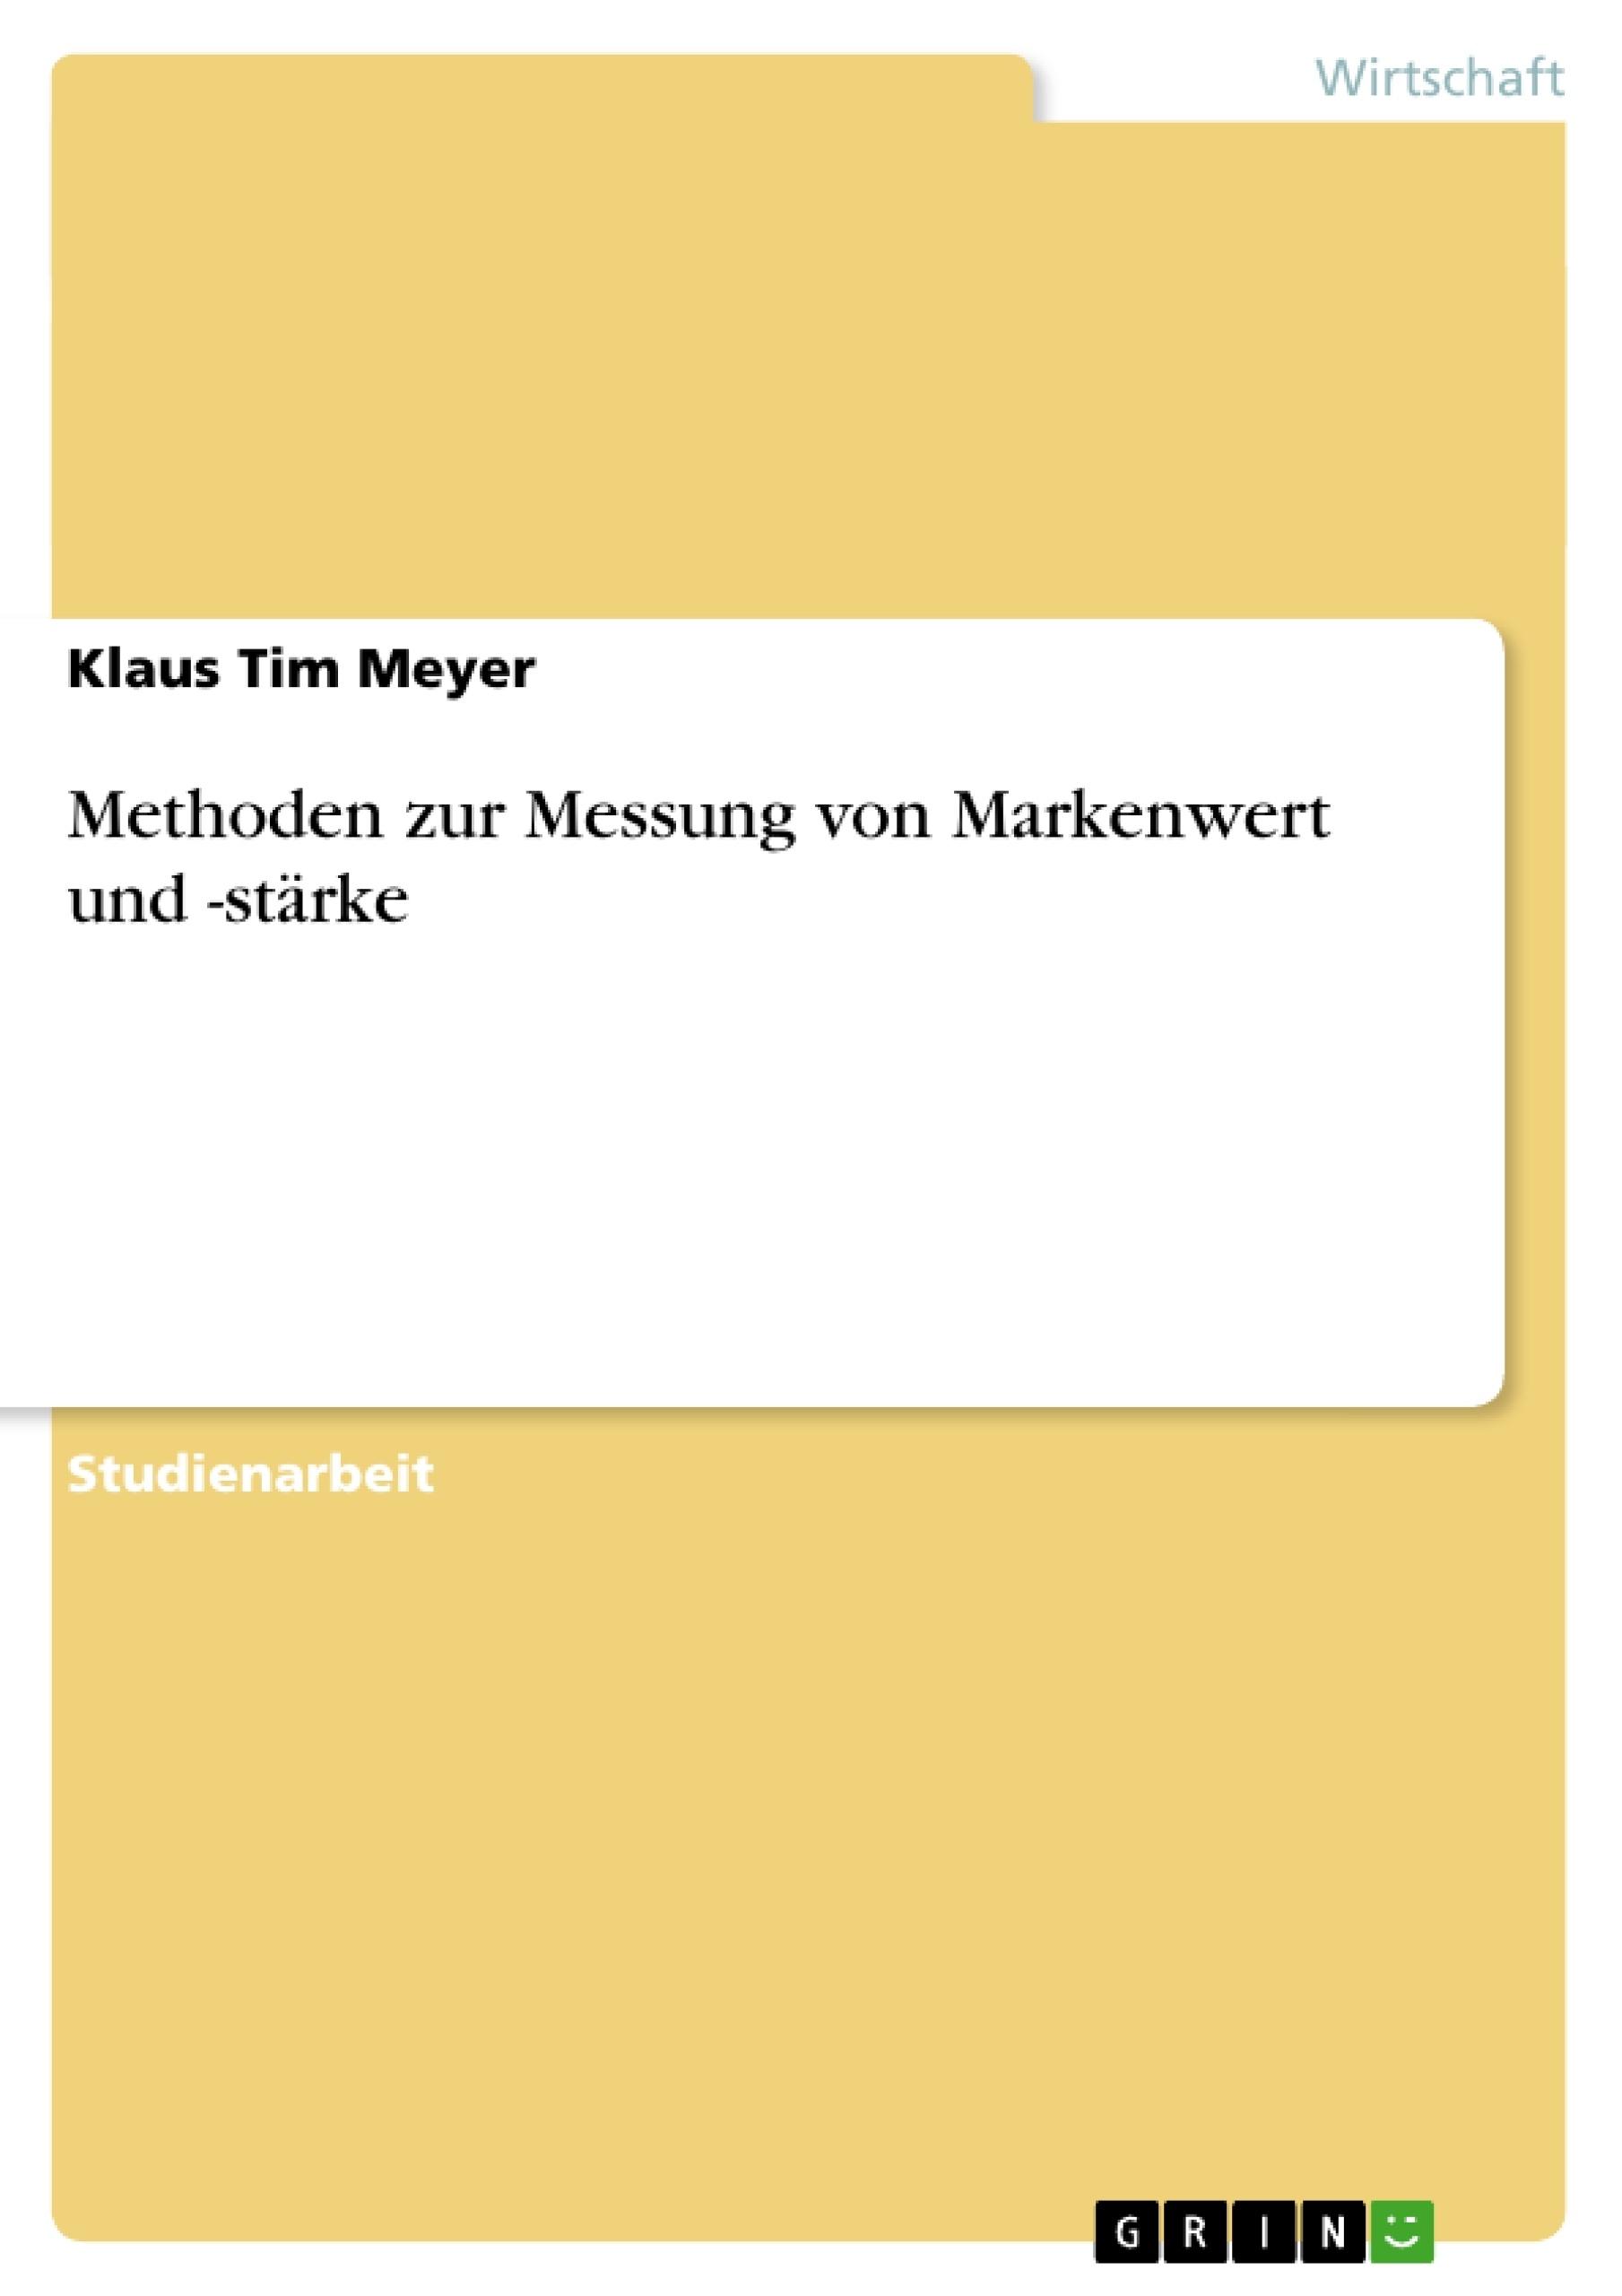 Titel: Methoden zur Messung von Markenwert und -stärke